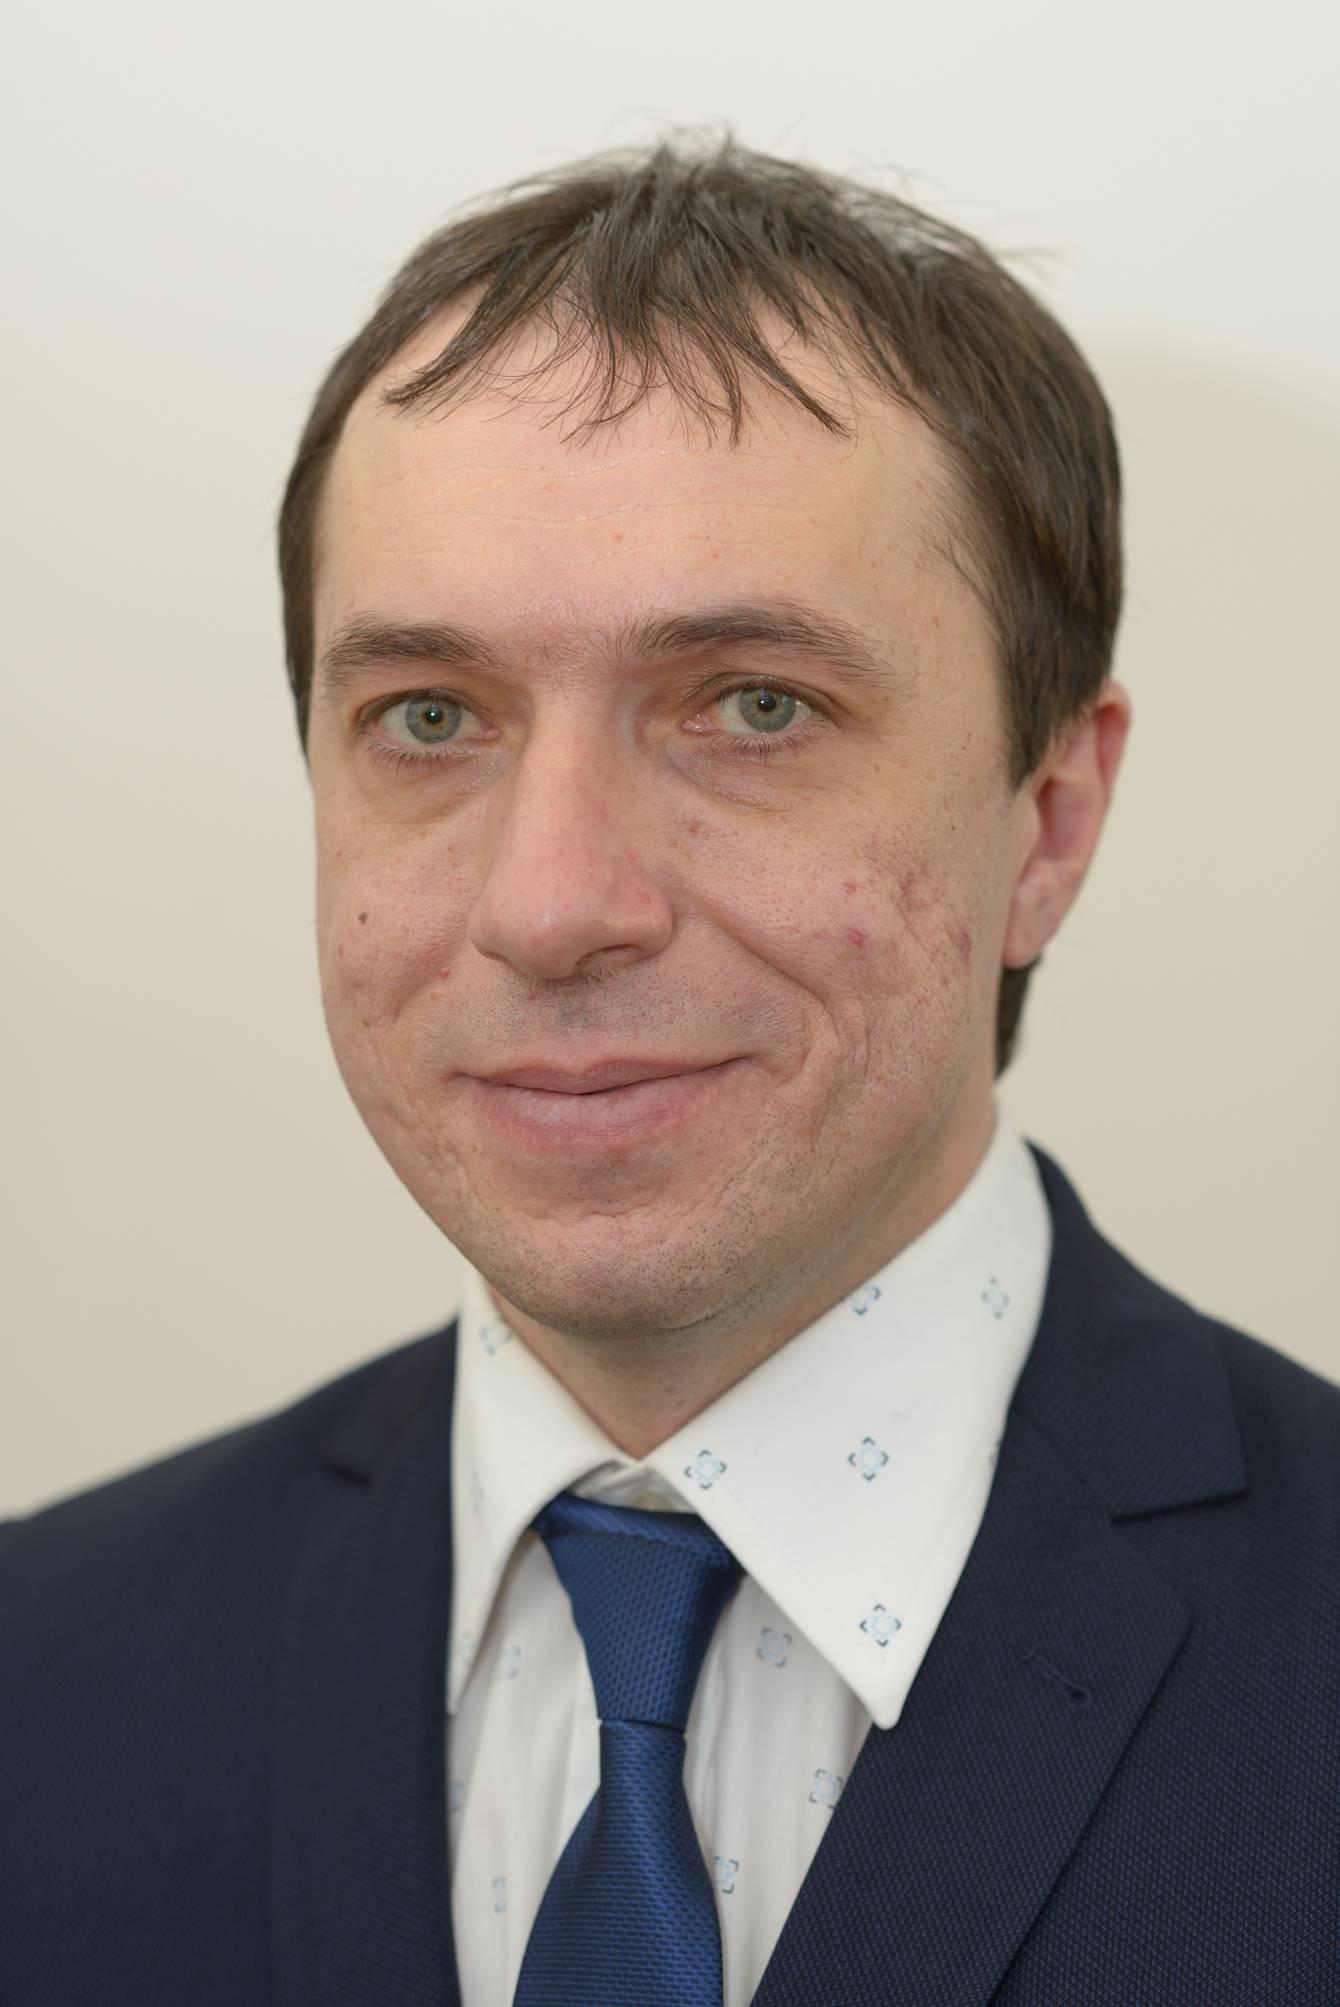 Mgr. Marek Hanuska